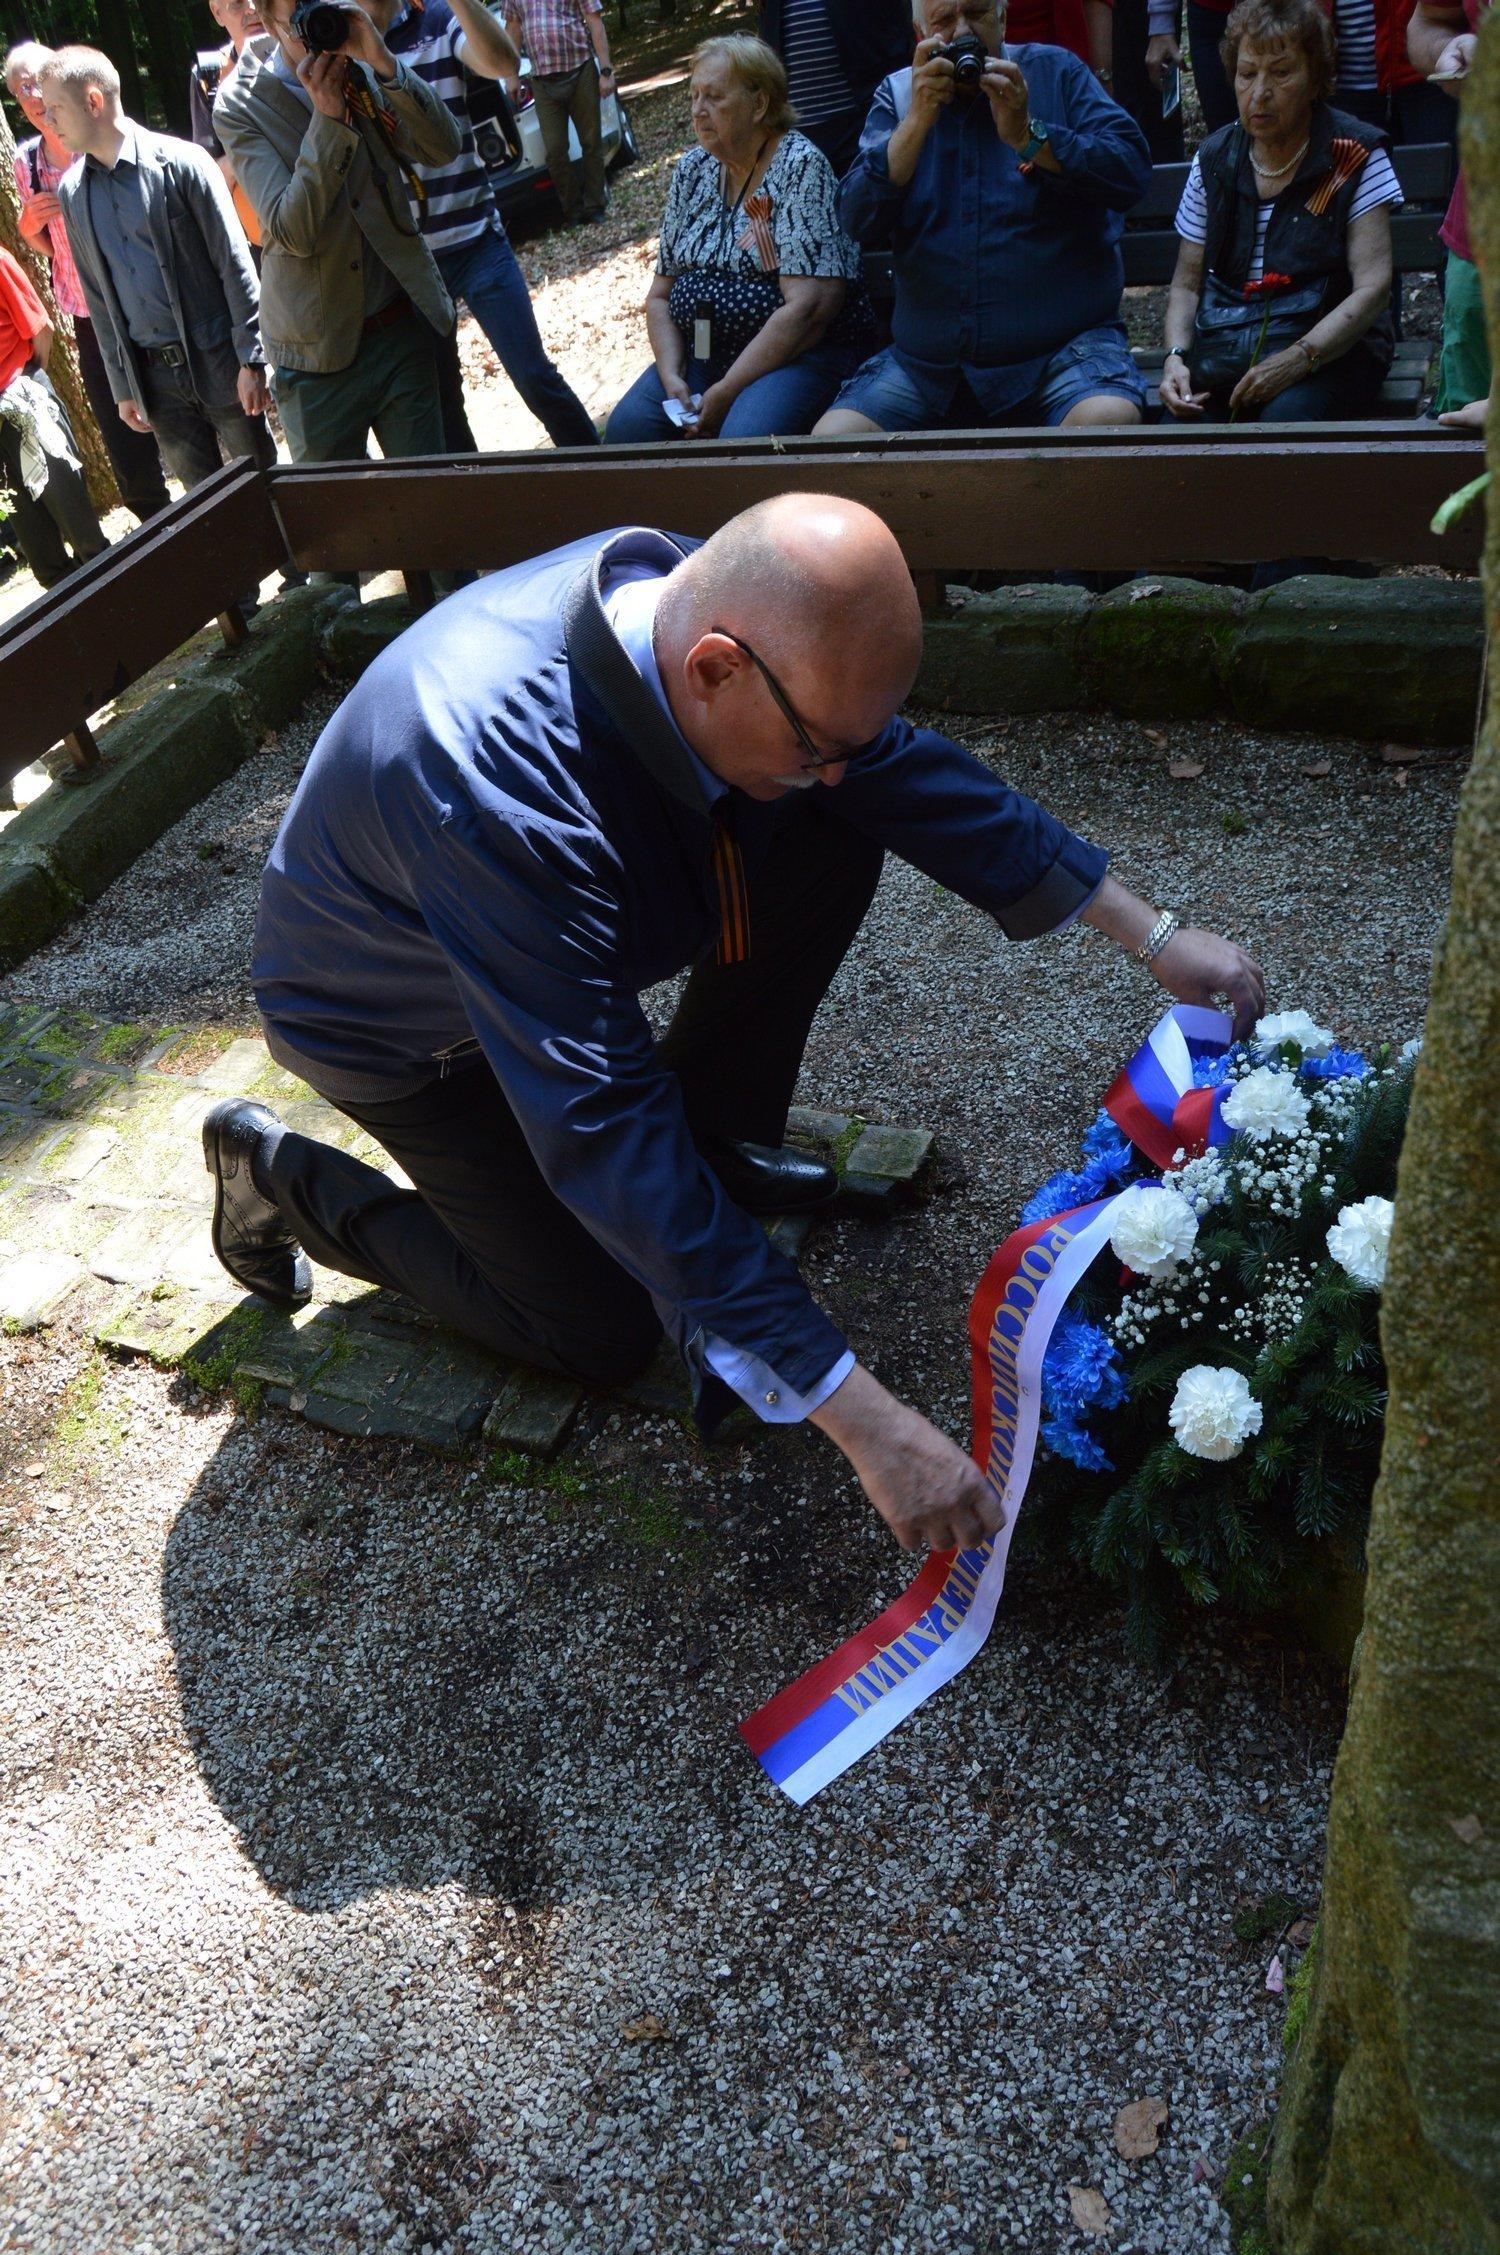 Pietny akt kladenia vencov sa konal za účasti mimoriadneho a splnomocneného veľvyslanca Ruskej federácie na Slovensku A. L. Fedotova